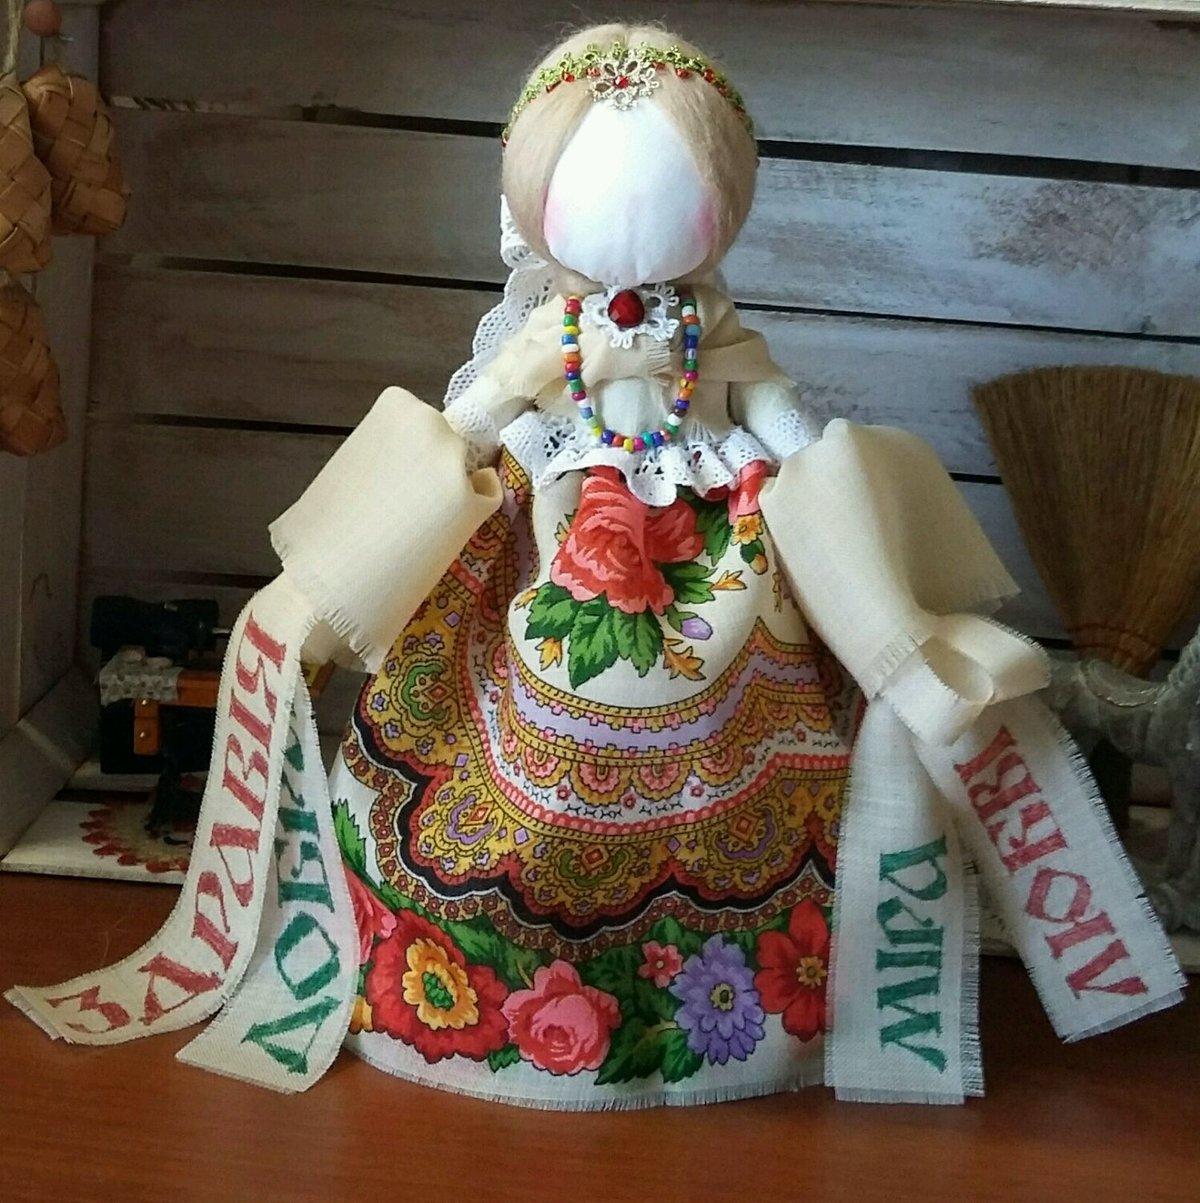 Кукла колокольчик: мастер класс по изготовлению оберега своими руками